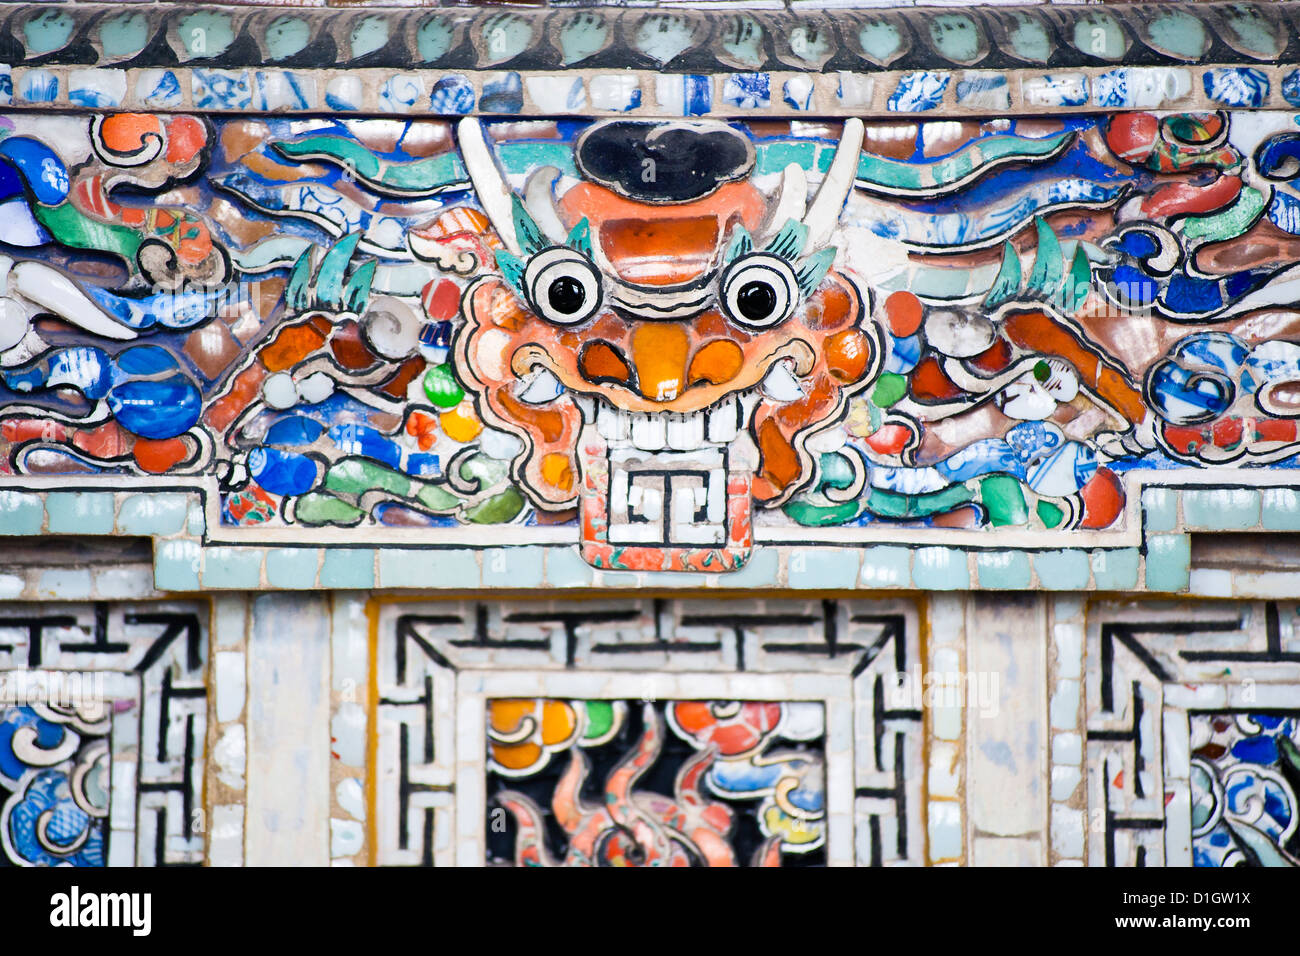 Buntes Mosaik Detail auf das Grab von Khai Dinh Hue, Vietnam, Indochina, Südostasien, Asien Stockbild